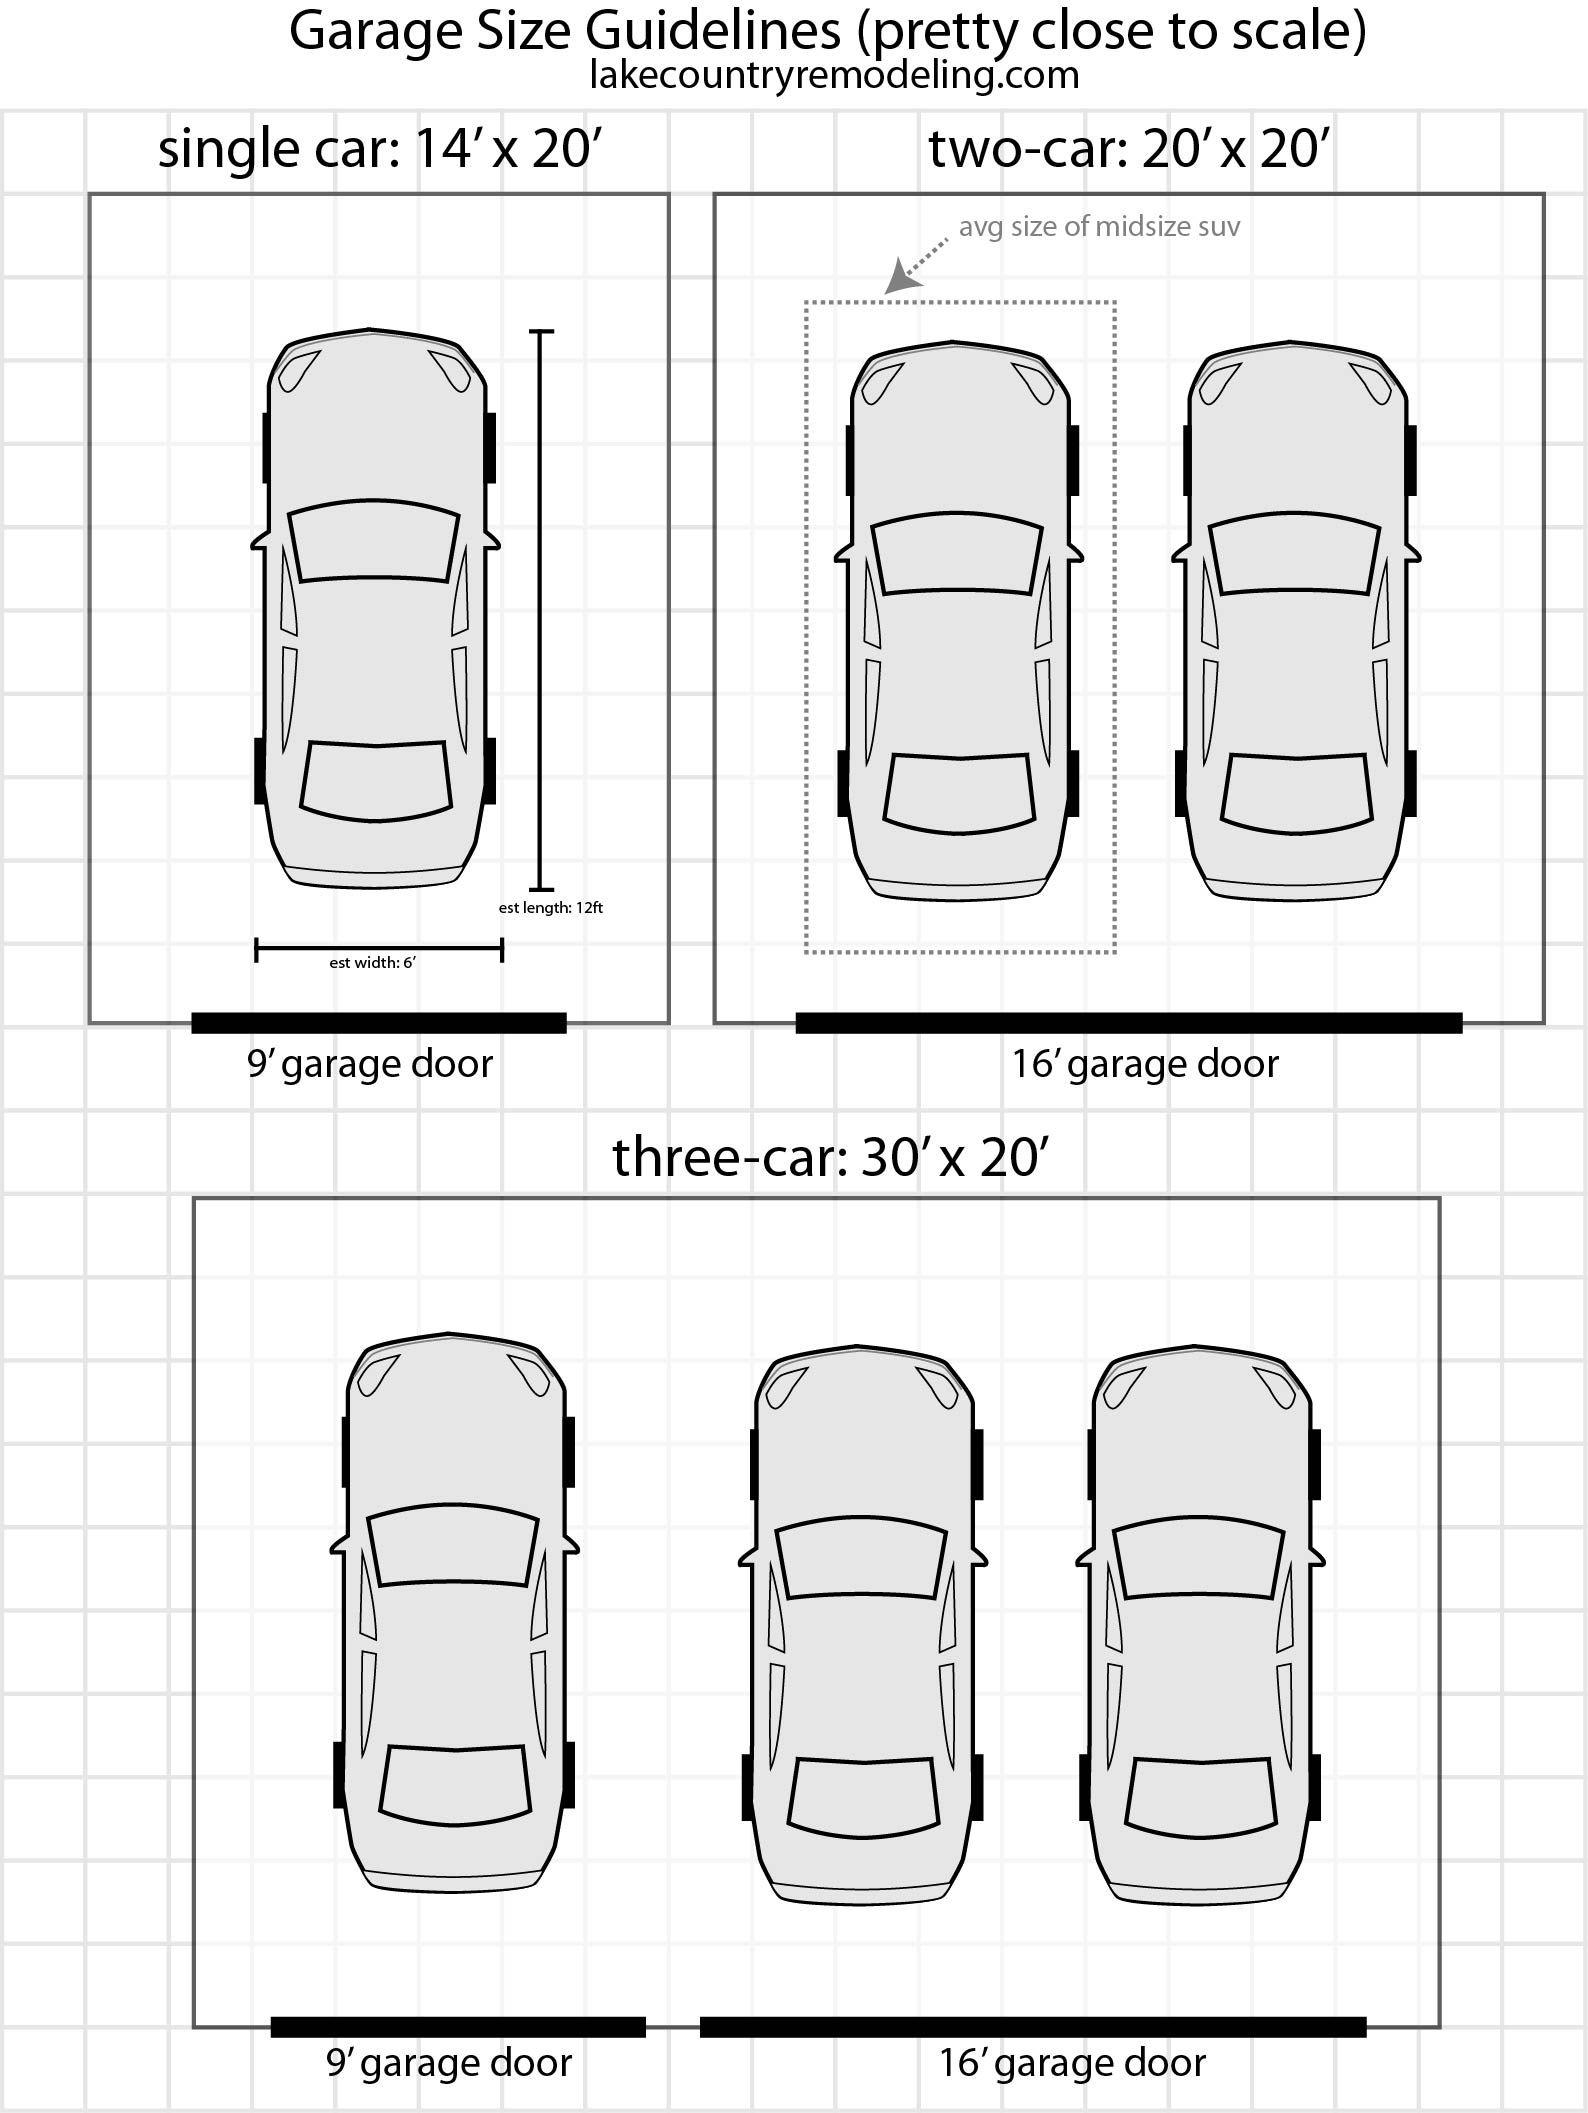 17 Best Images About P A R K I N G D E S I G N On Pinterest Different Types  Of 3 Car Garage And Office Buildings. Commercial Garage Door Sizes   doortodump us